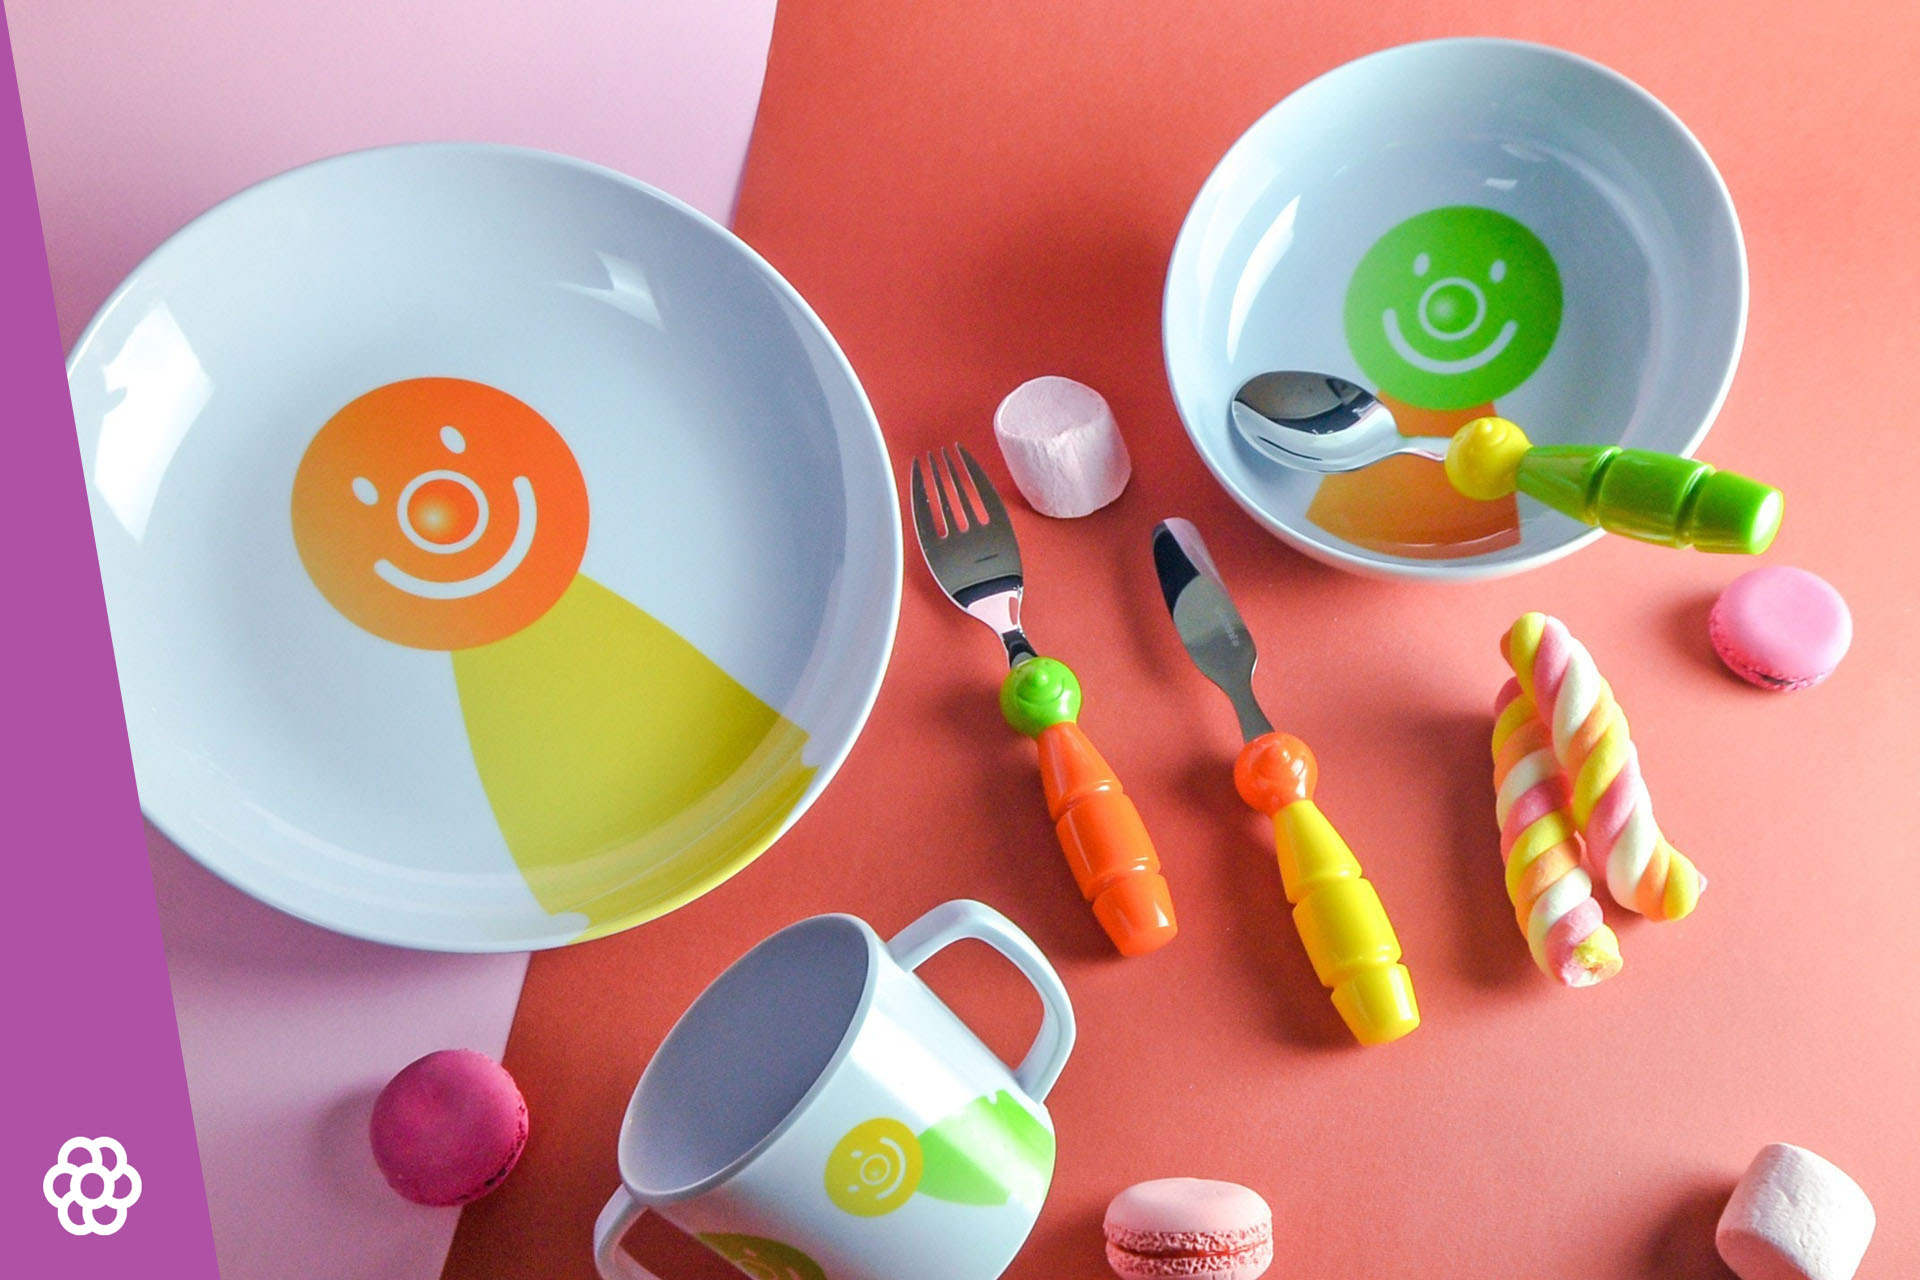 Bezpieczne i kolorowe naczynia dla dzieci i niemowlaków